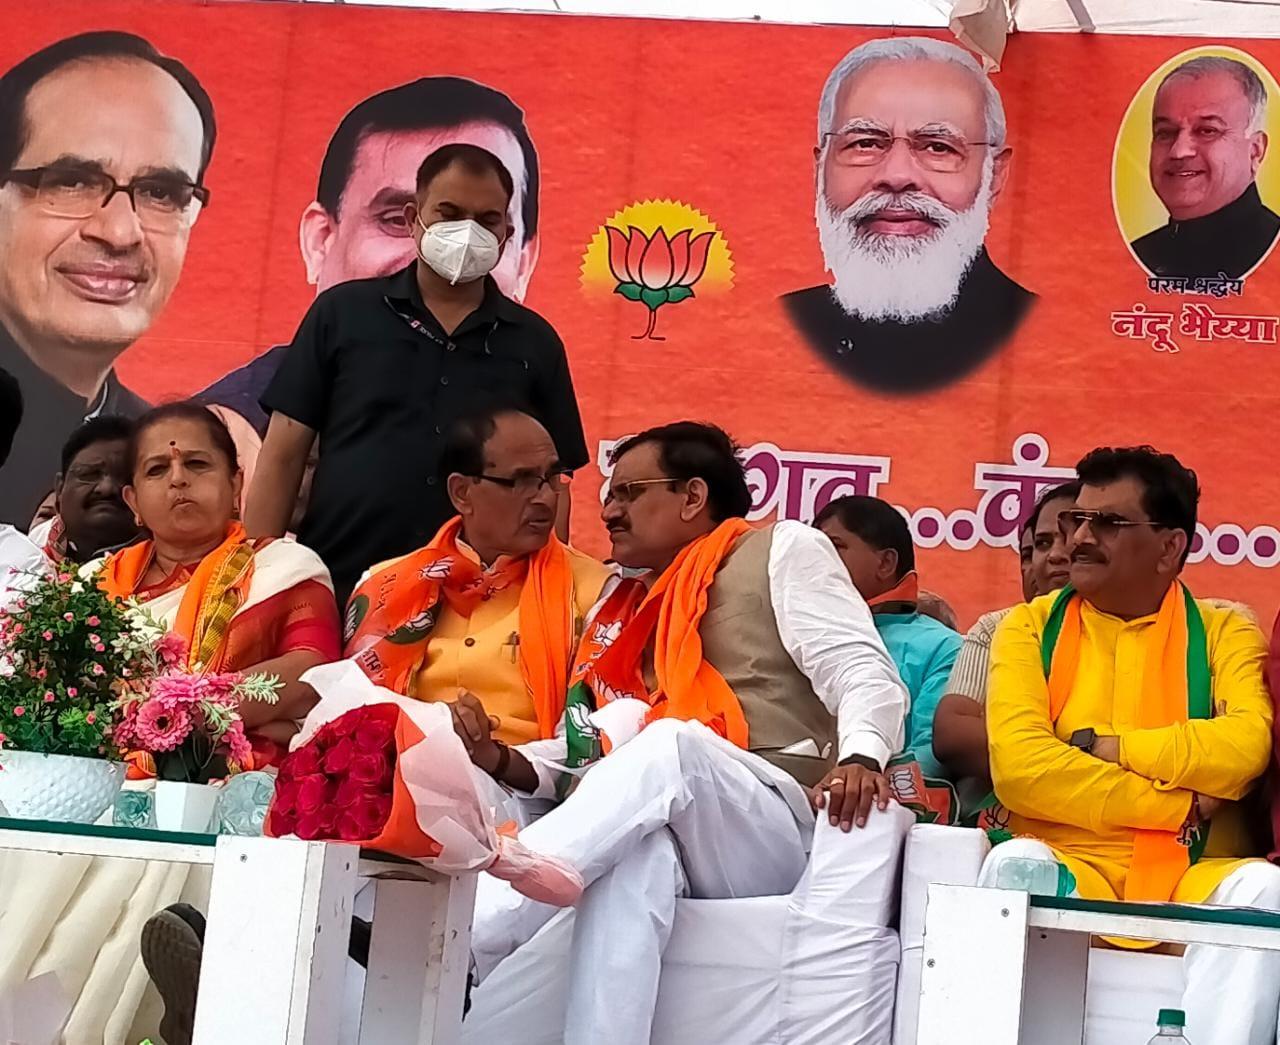 संसदीय क्षेत्र में शिवराज-वीडी 60 से ज्यादा सभाएं करेंगे; शिवराज का प्रत्येक विधानसभा में कम से कम 7 बार दौरा|खंडवा,Khandwa - Dainik Bhaskar